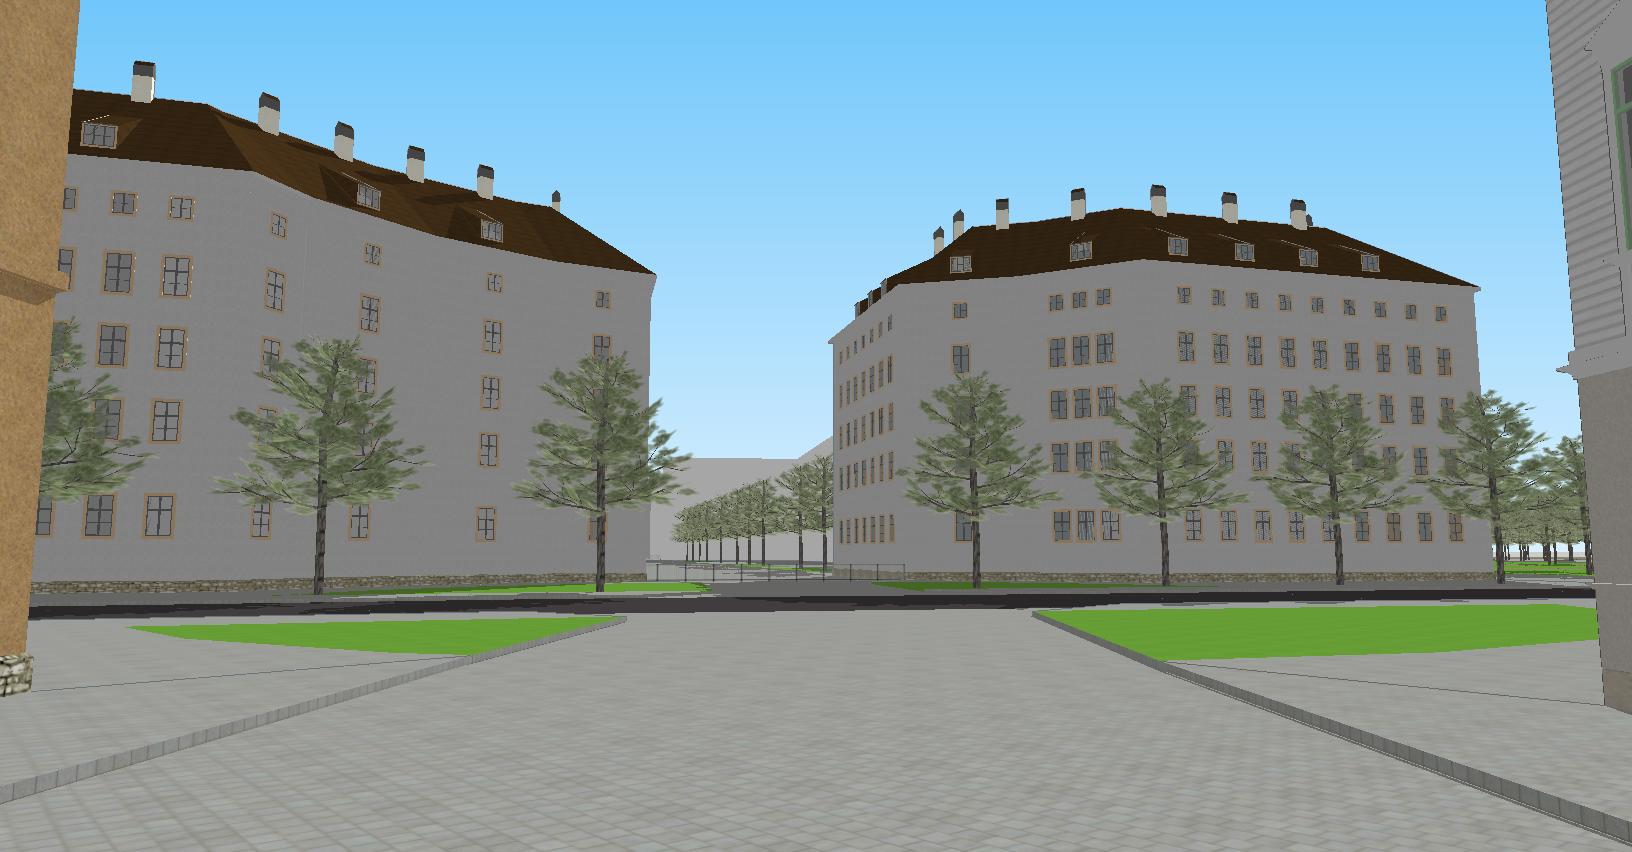 Schule von Pirnaischer Straße